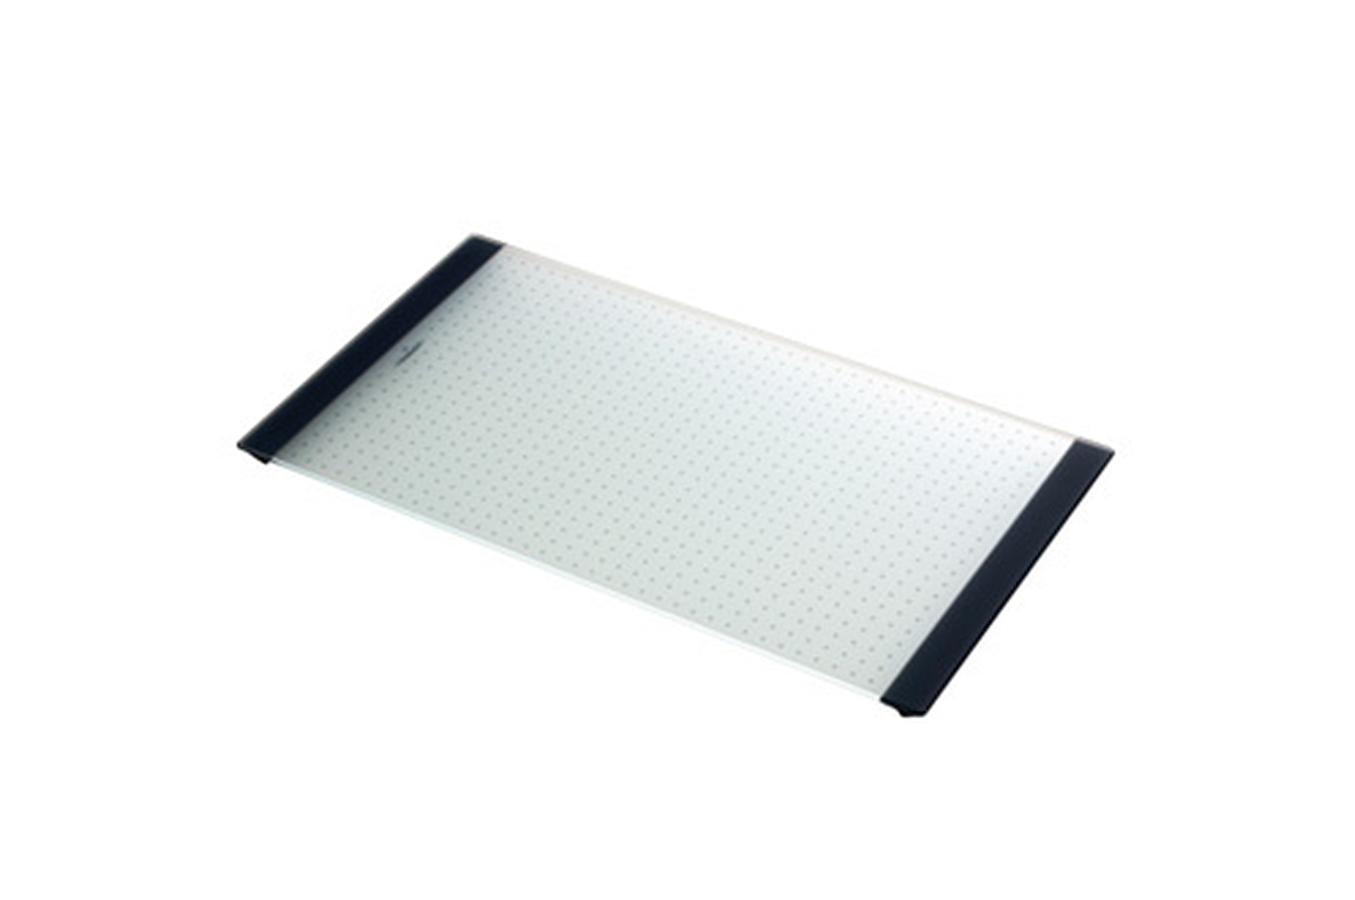 Planche d couper luisina aepluv002 planche verre for Planche a decouper en verre